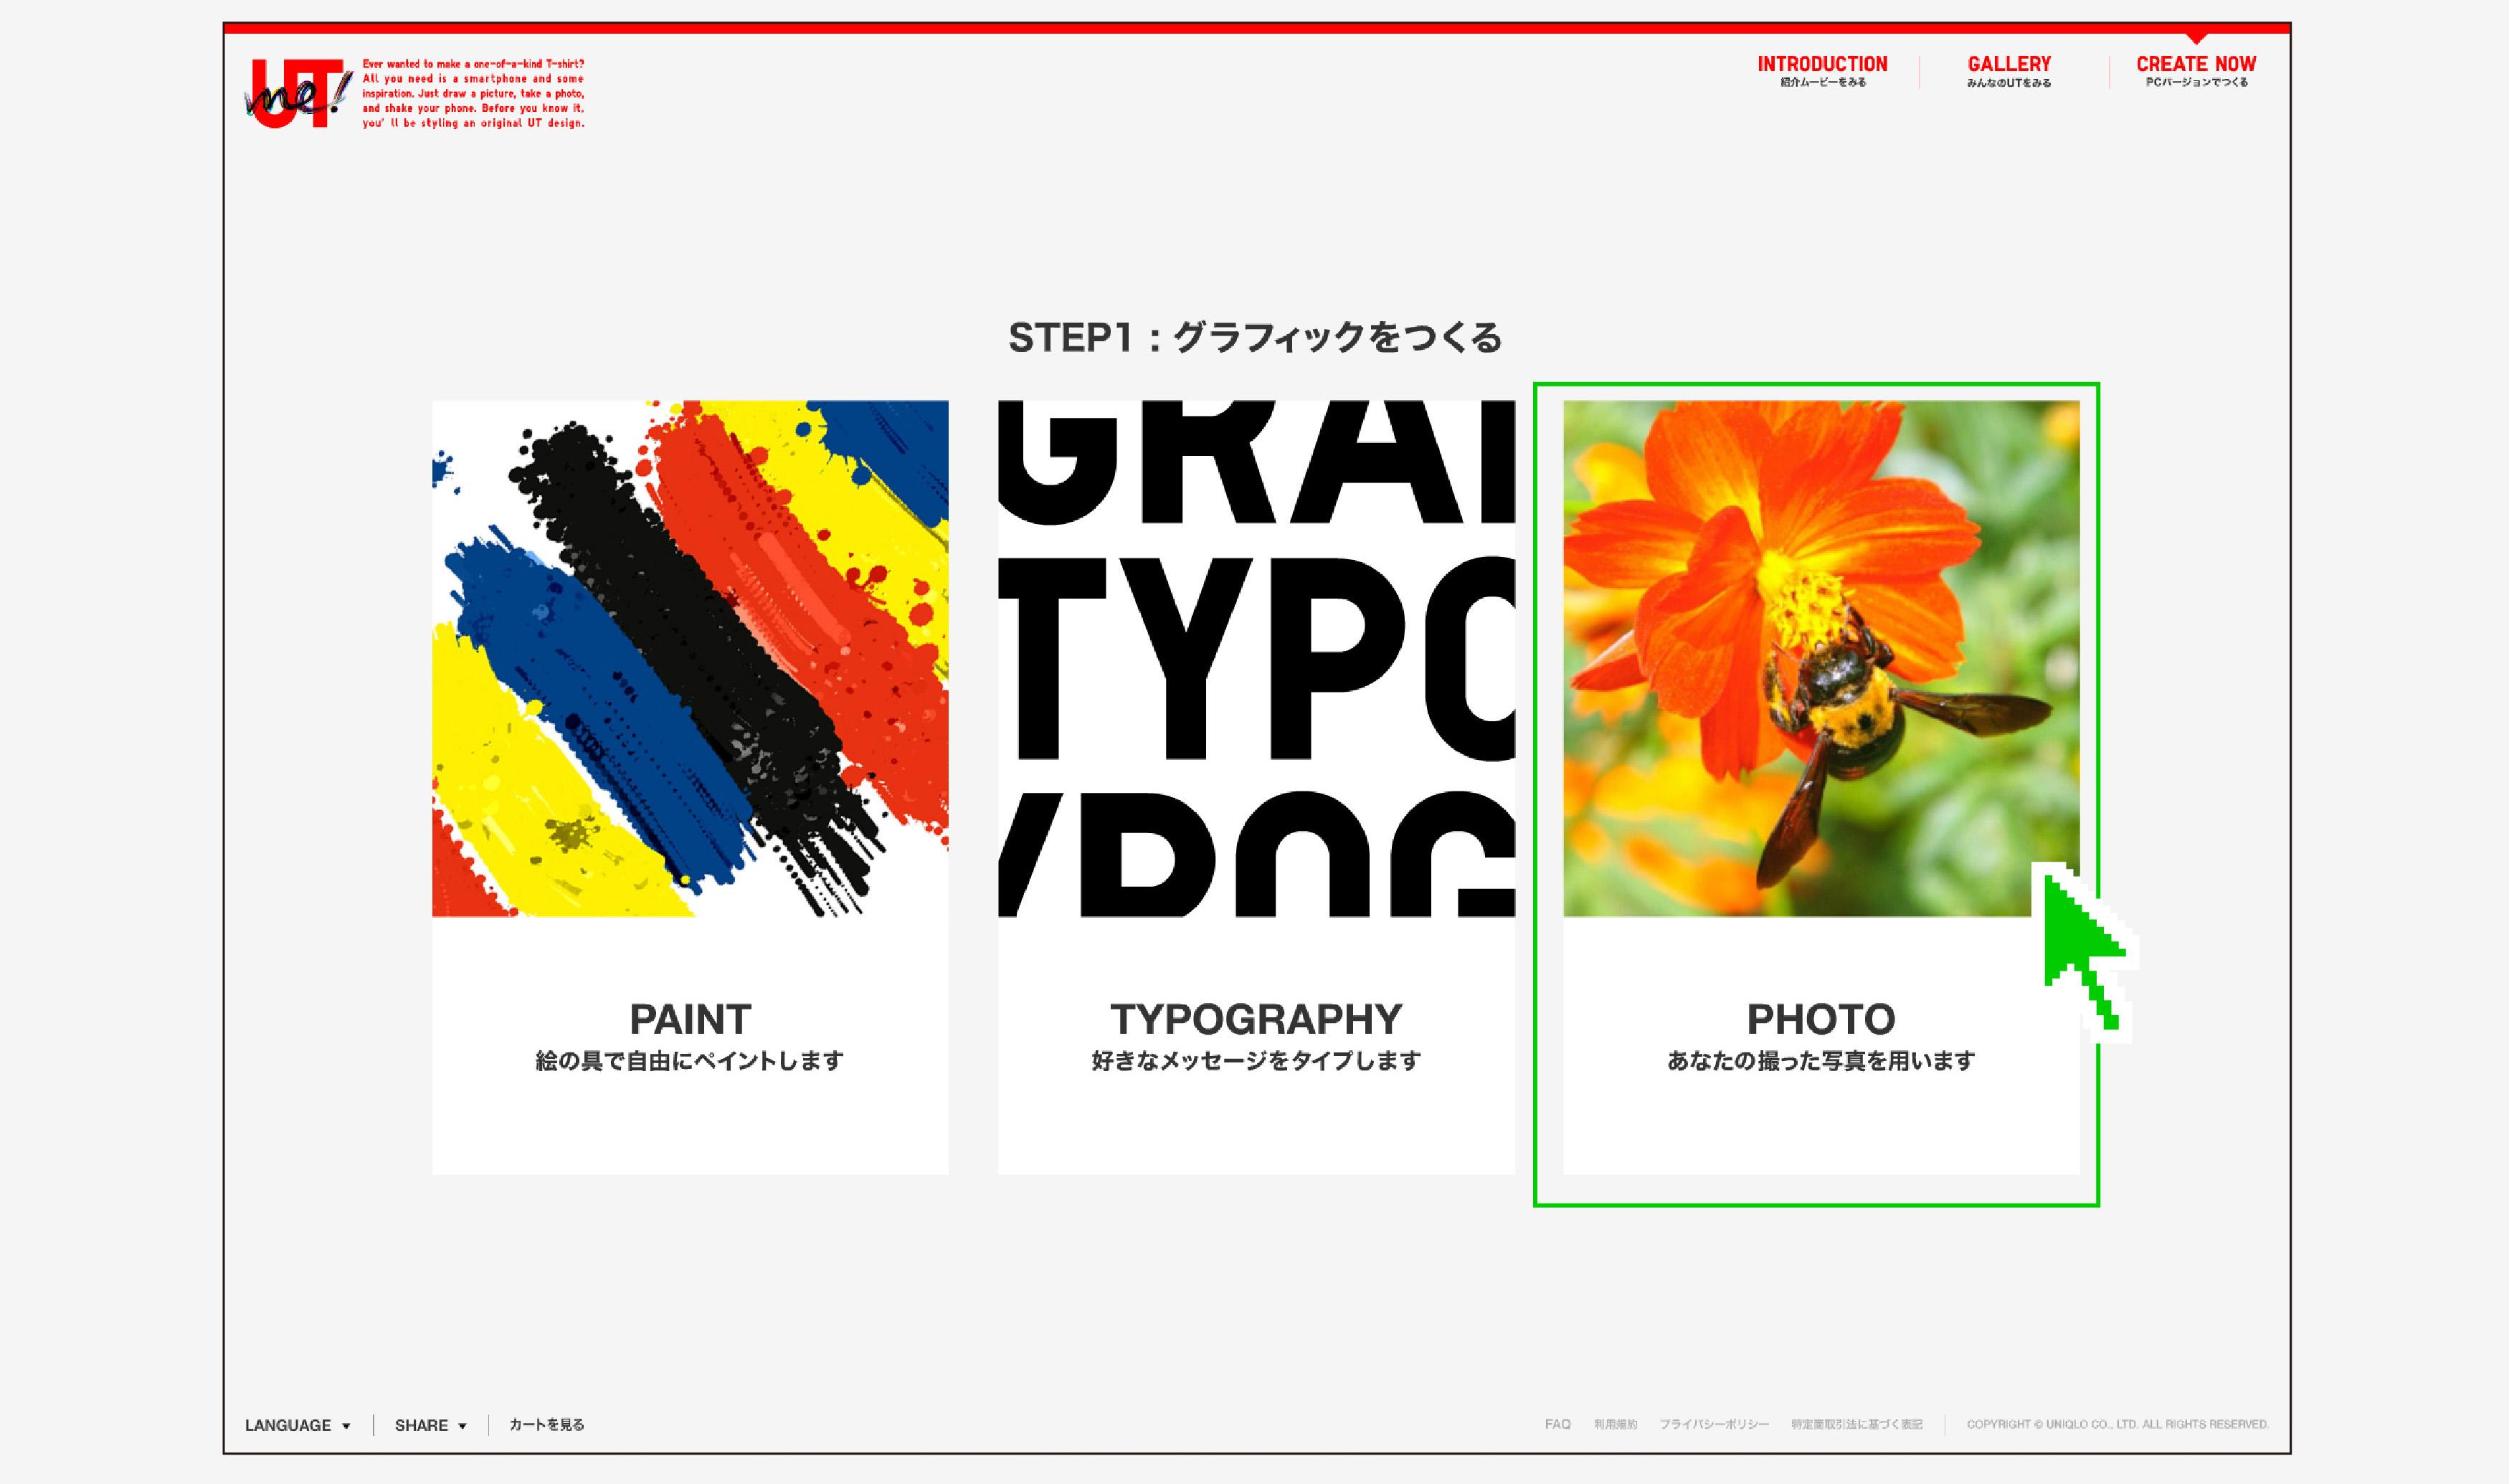 utme_guide2.jpg